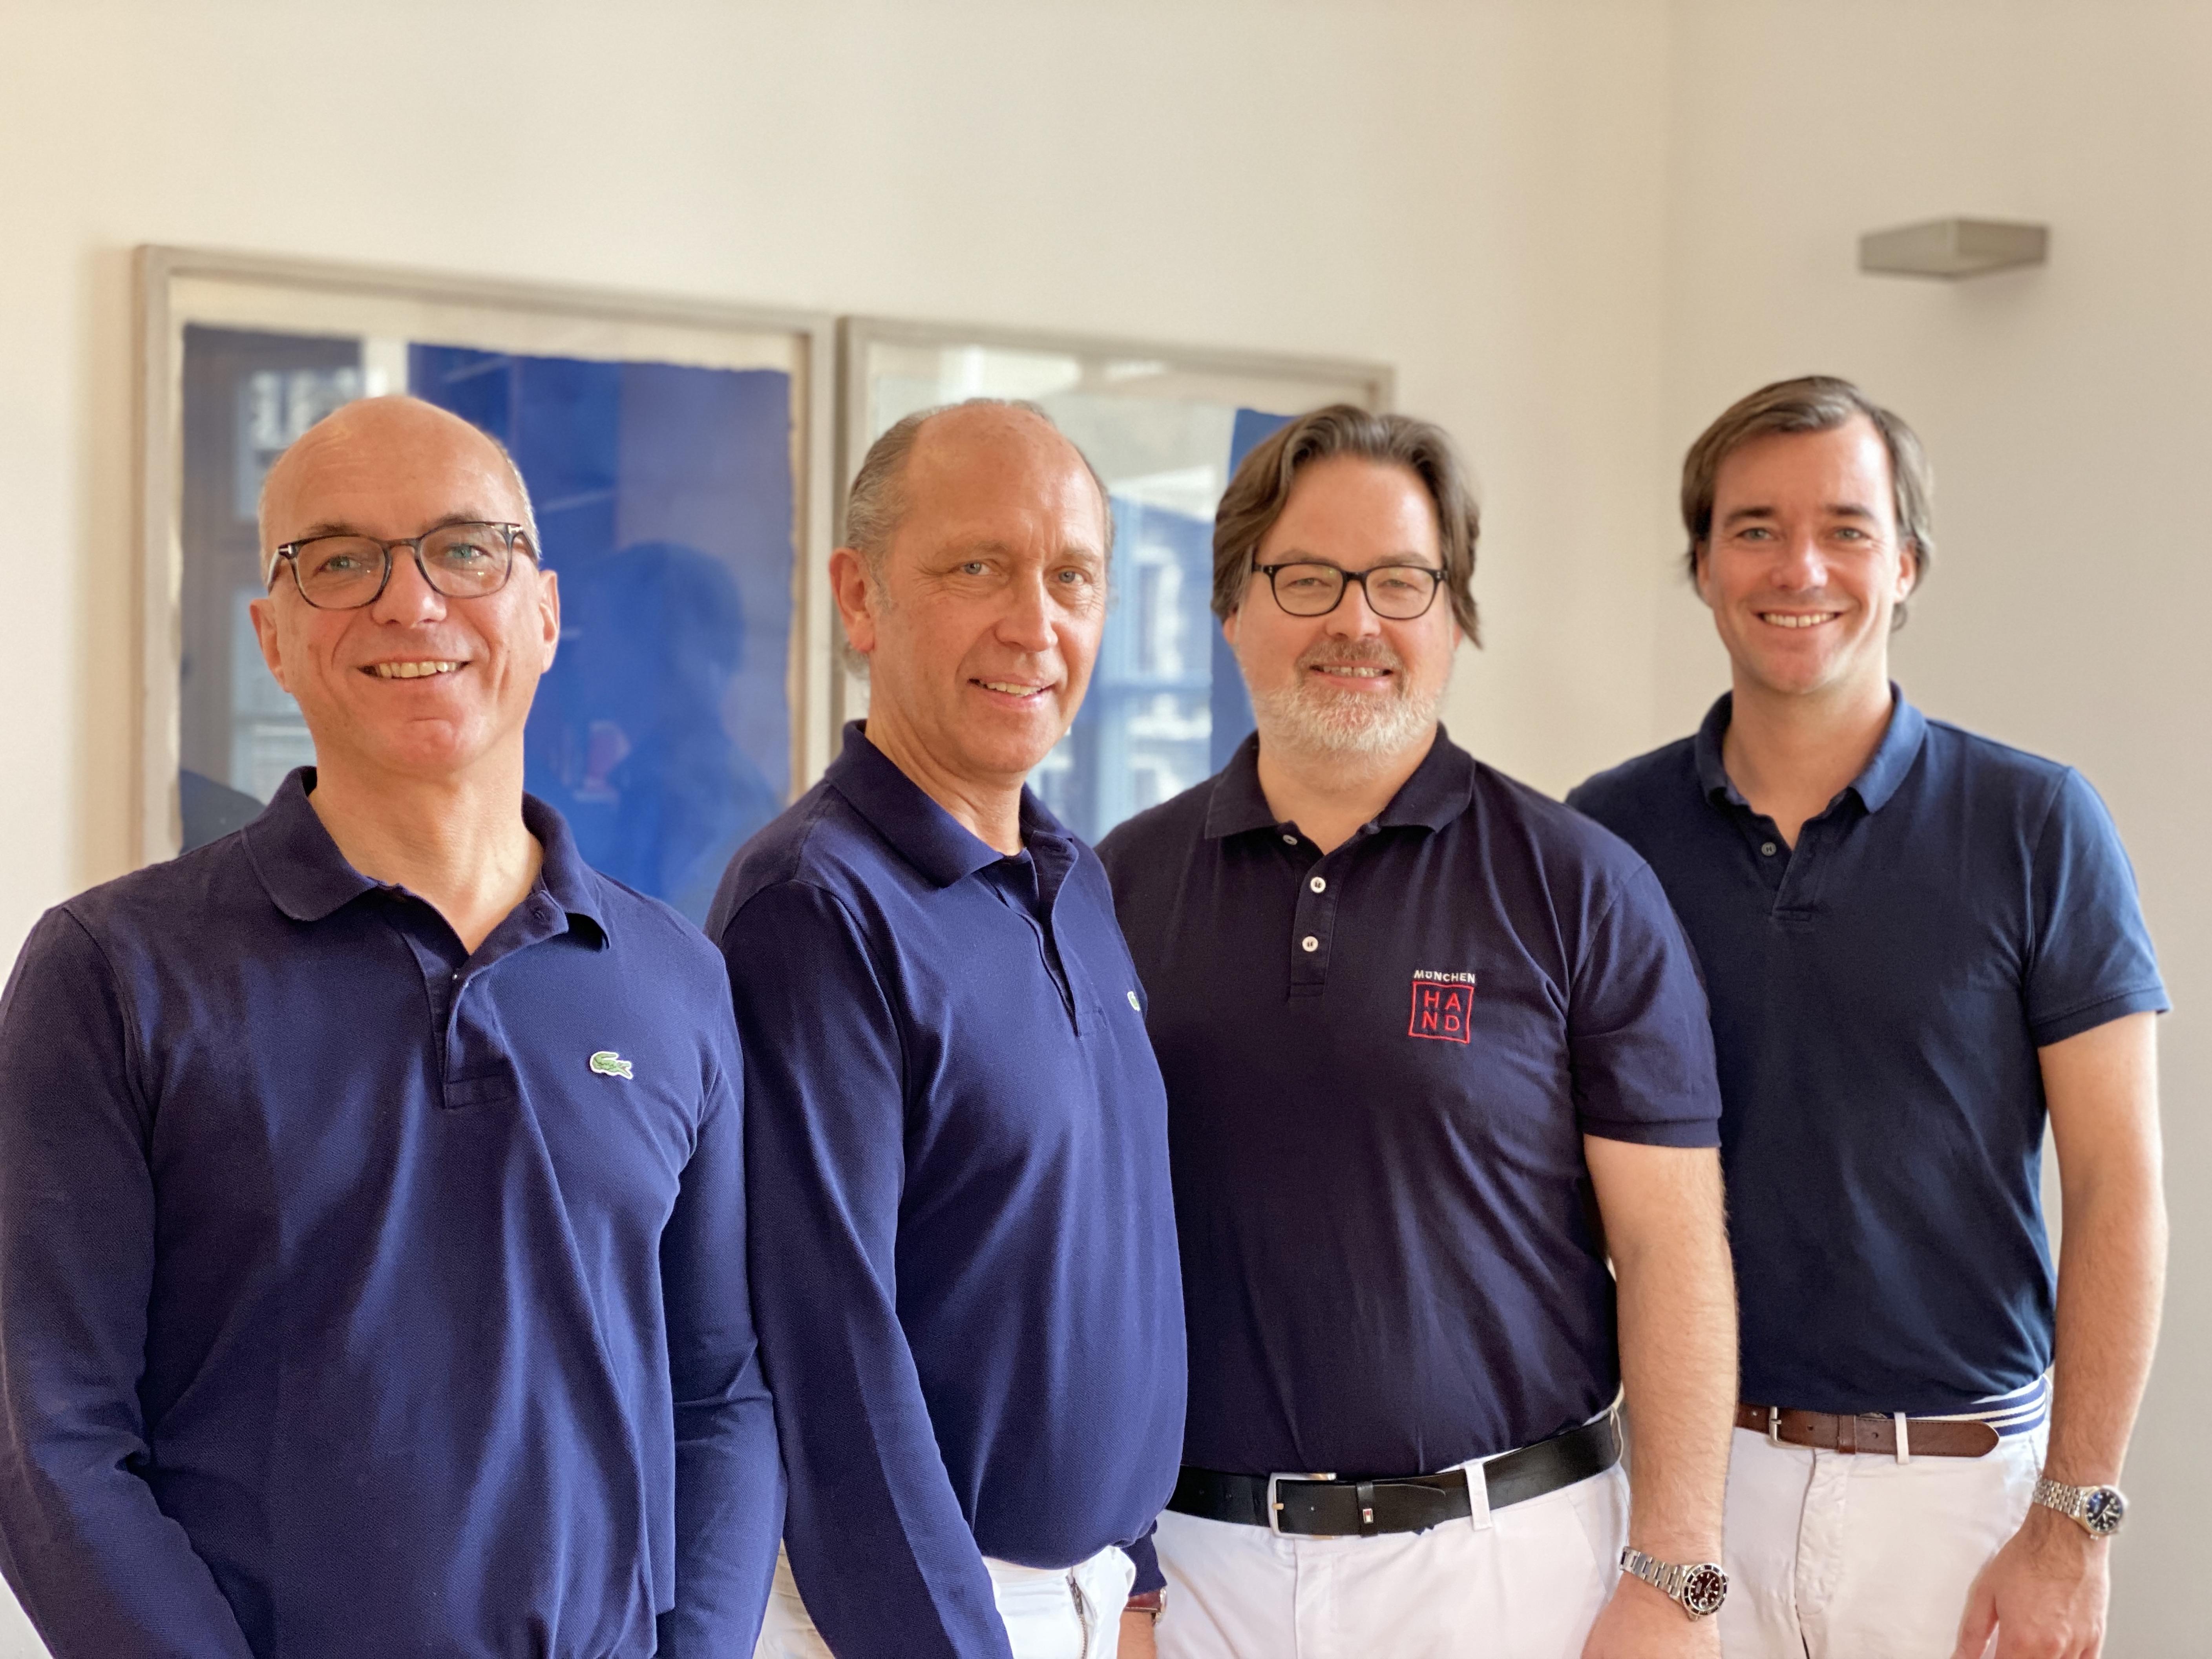 Drs. Heilmann, Frobenius, Zimmermann, Deglmann